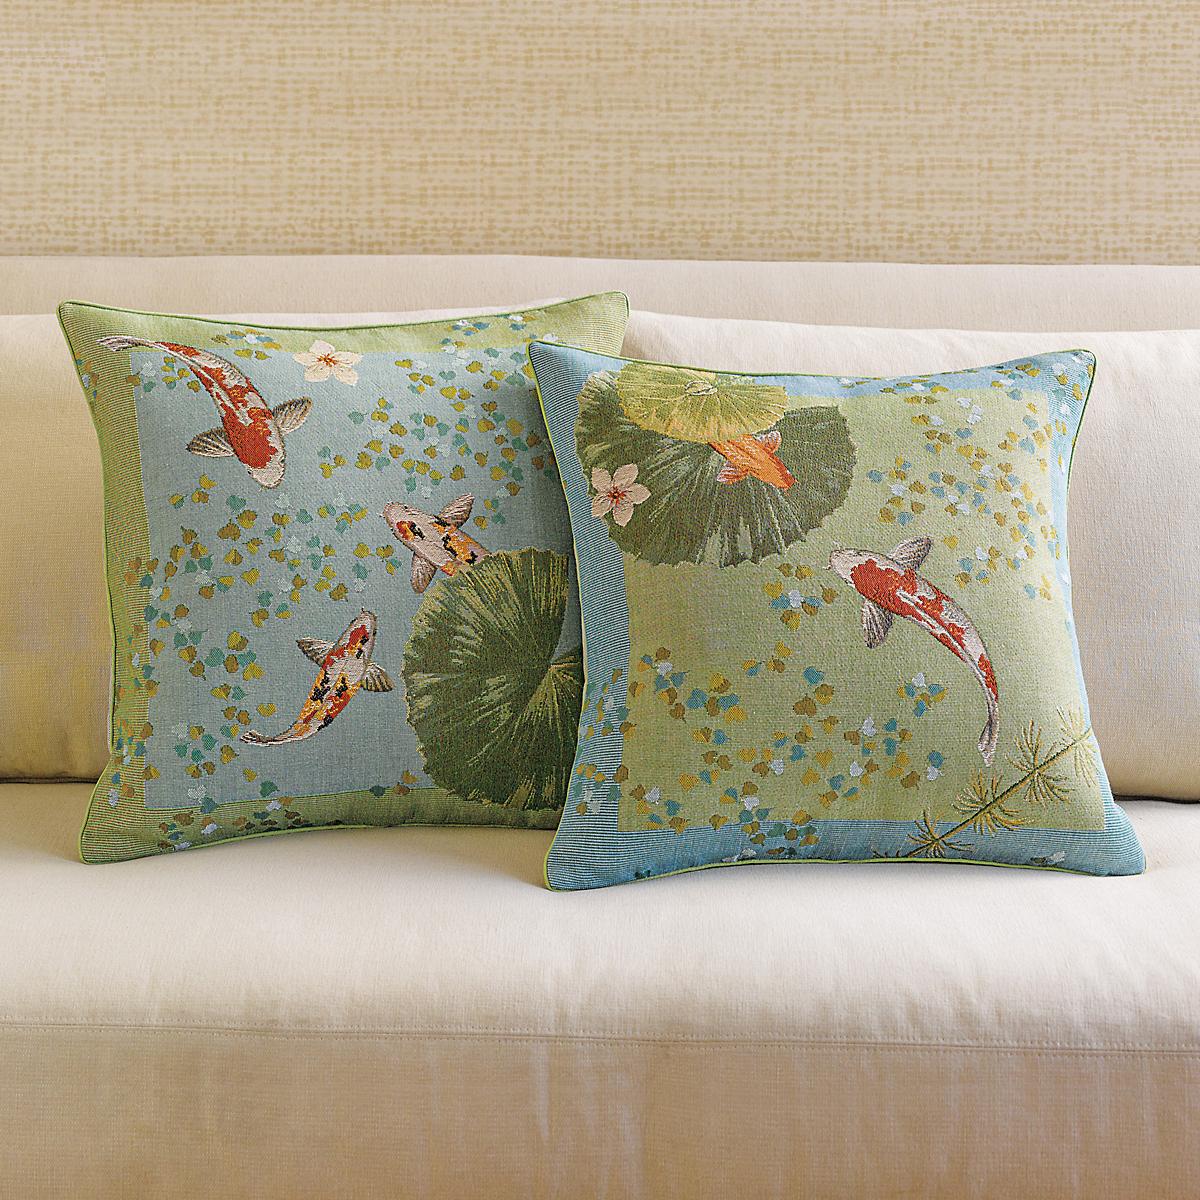 Koi Pillows